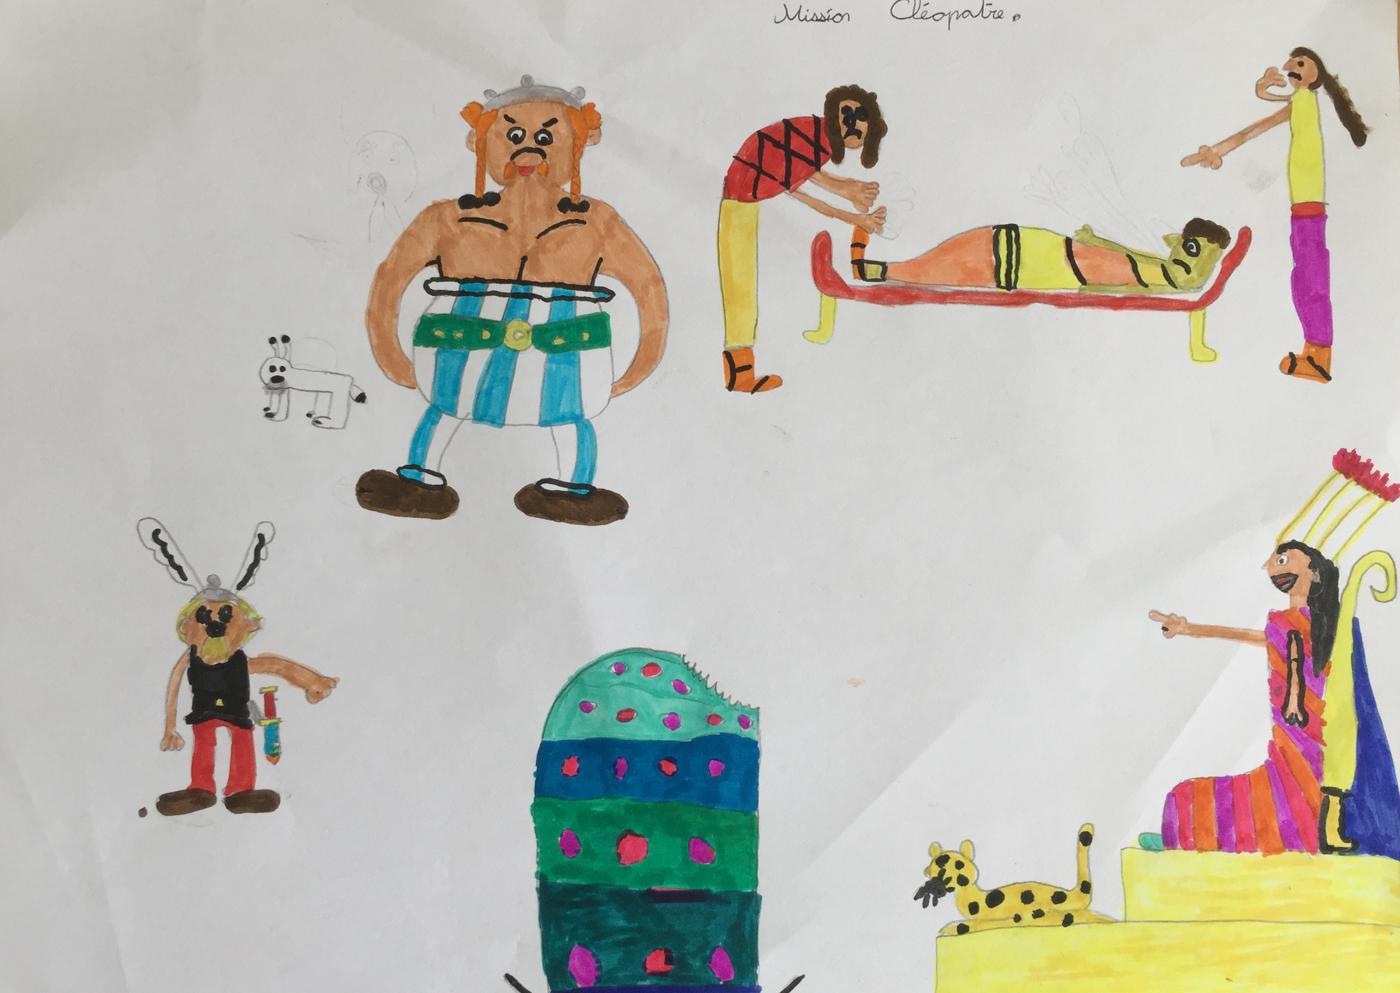 asterix et obelix mission cleopatre